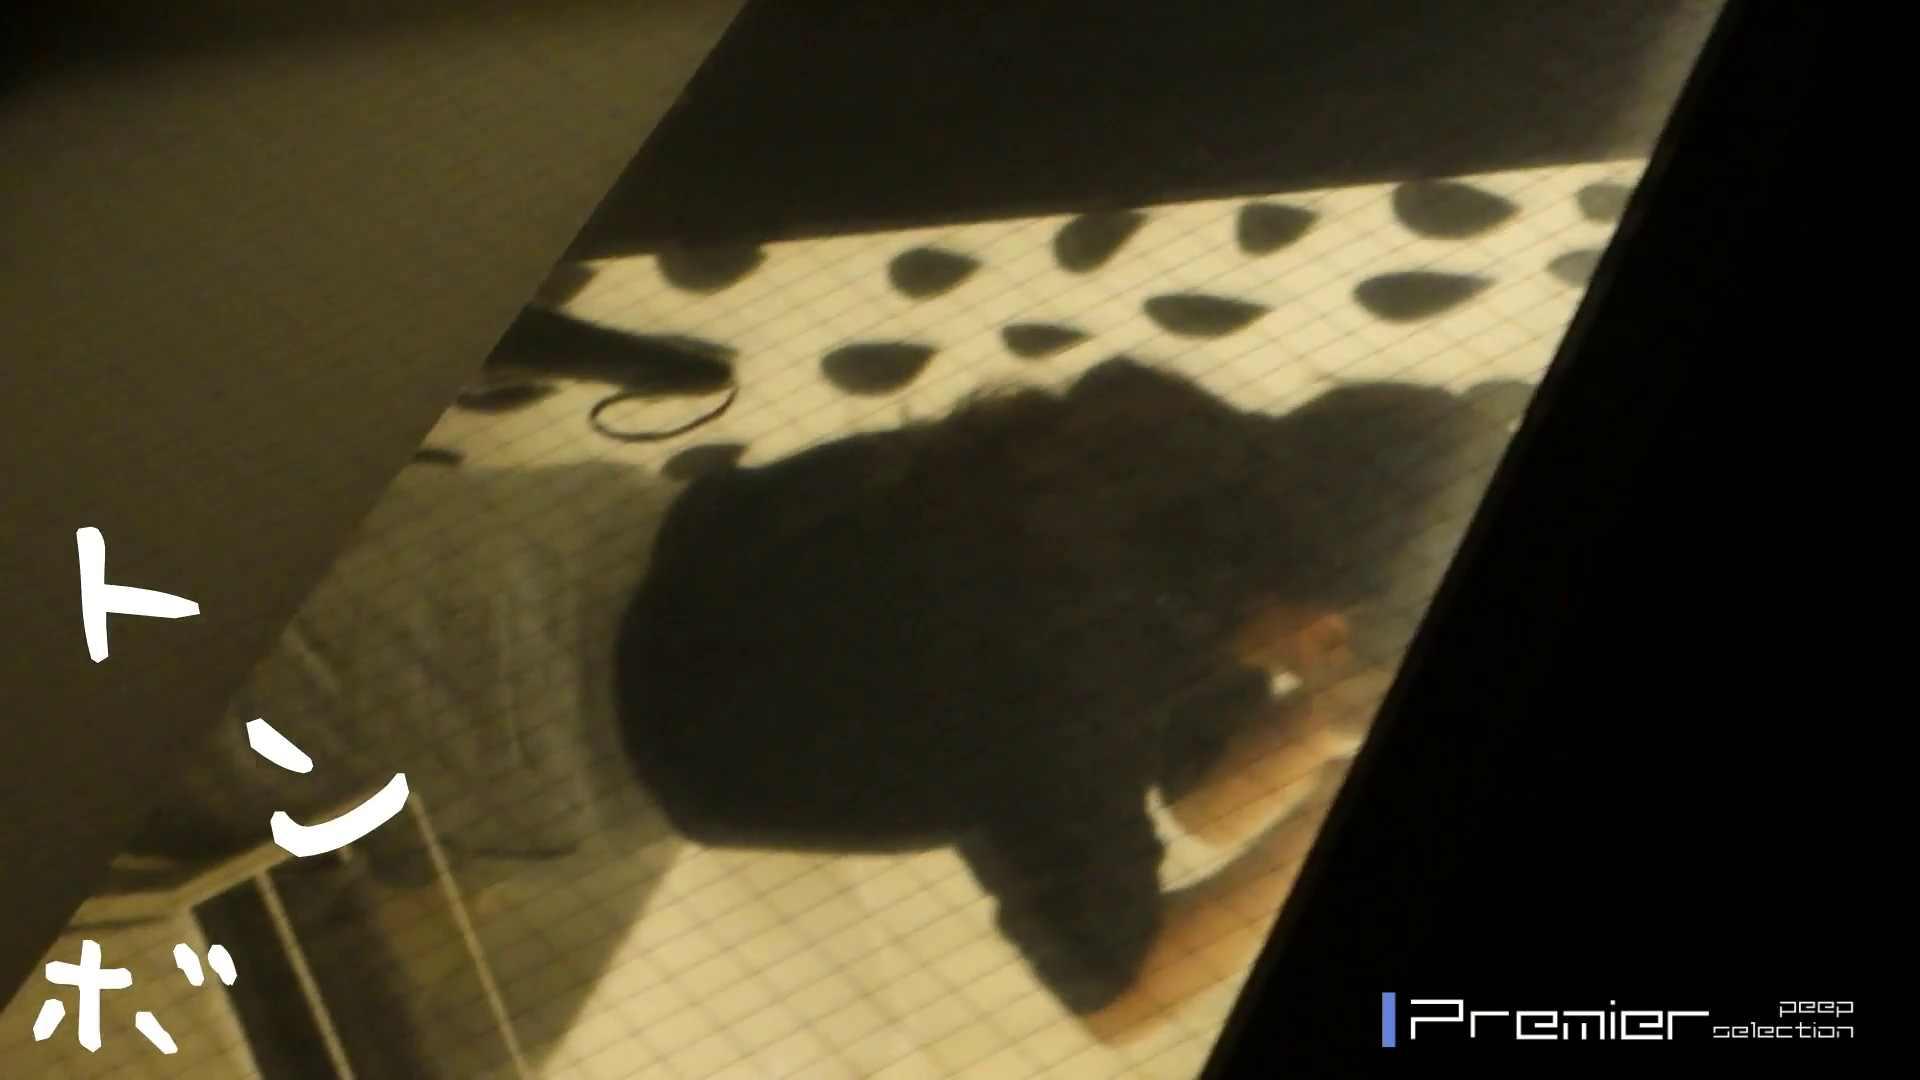 美女達の私生活に潜入!必見!超美形OLの風呂上がり&プライベート 高画質 エロ画像 92枚 64